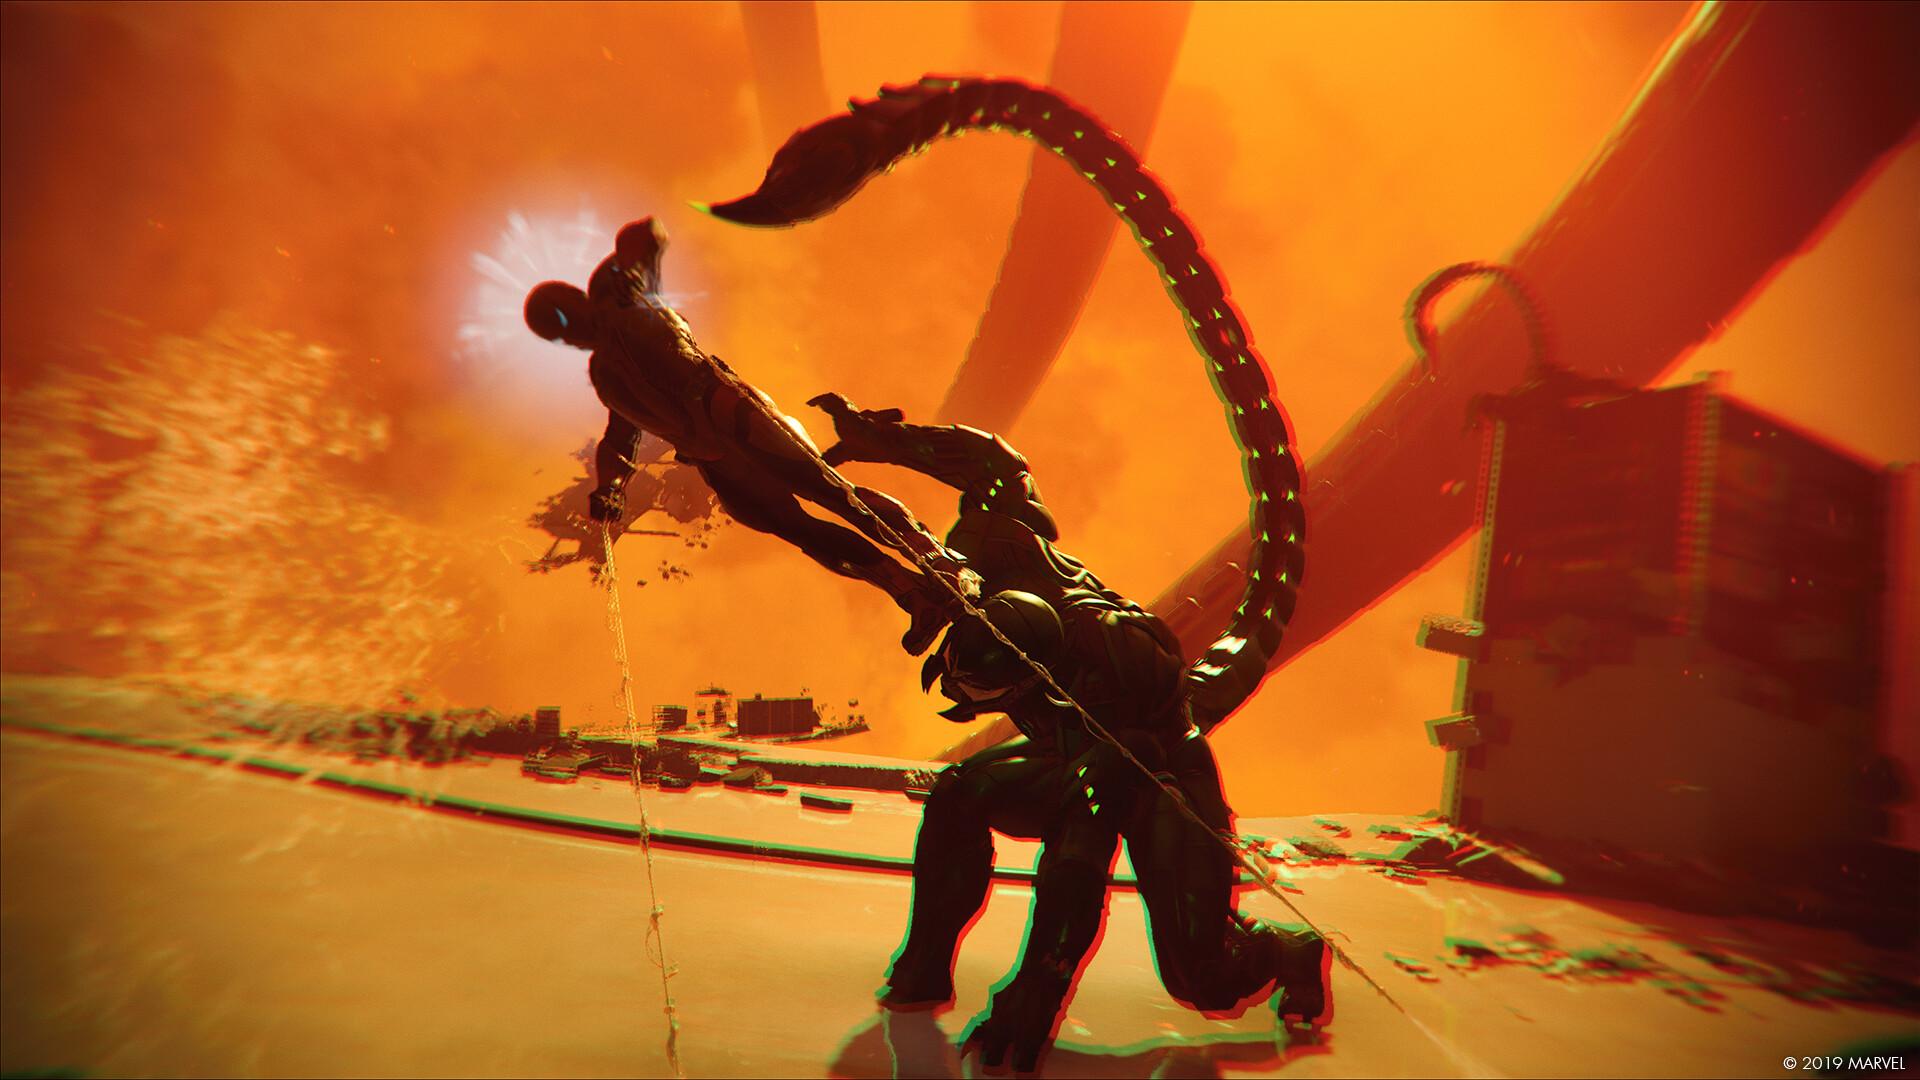 Dustin brown marvels spiderman photomode landscape 08